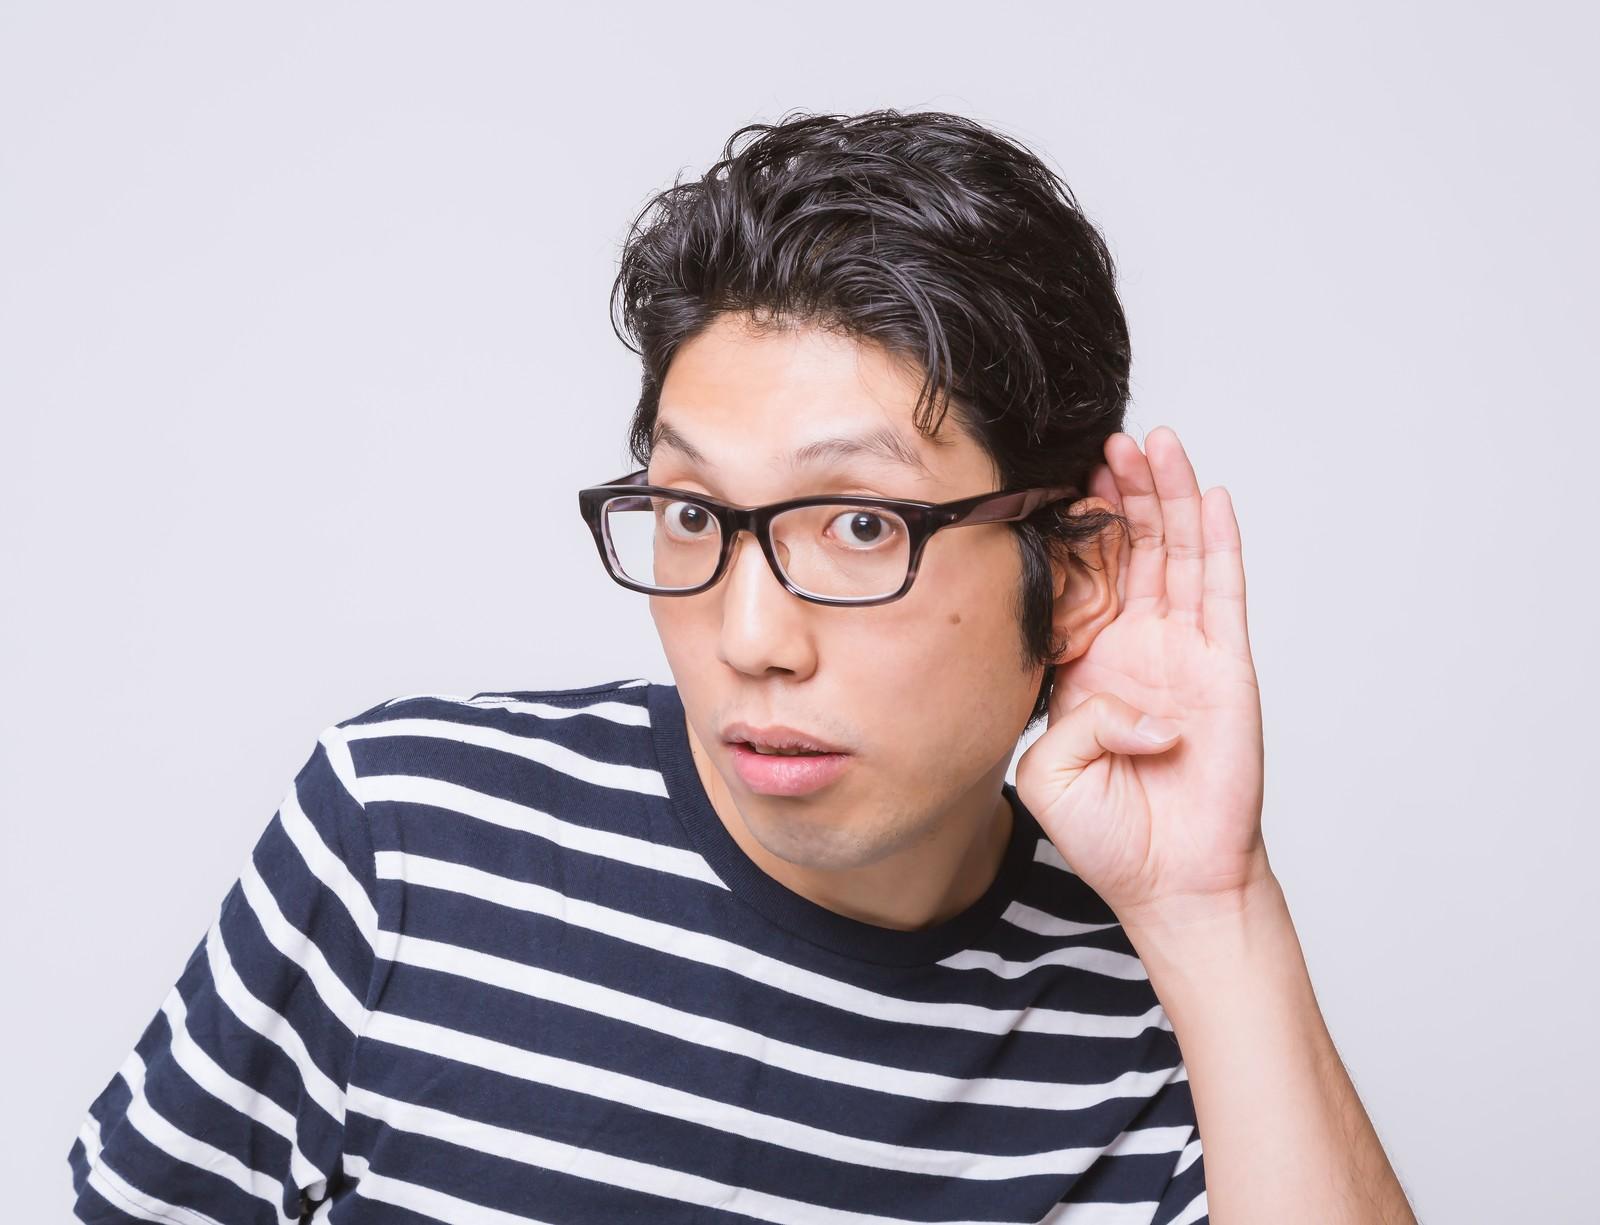 同じ営業の互助会でもやりがいを感じる補聴器店へ転職